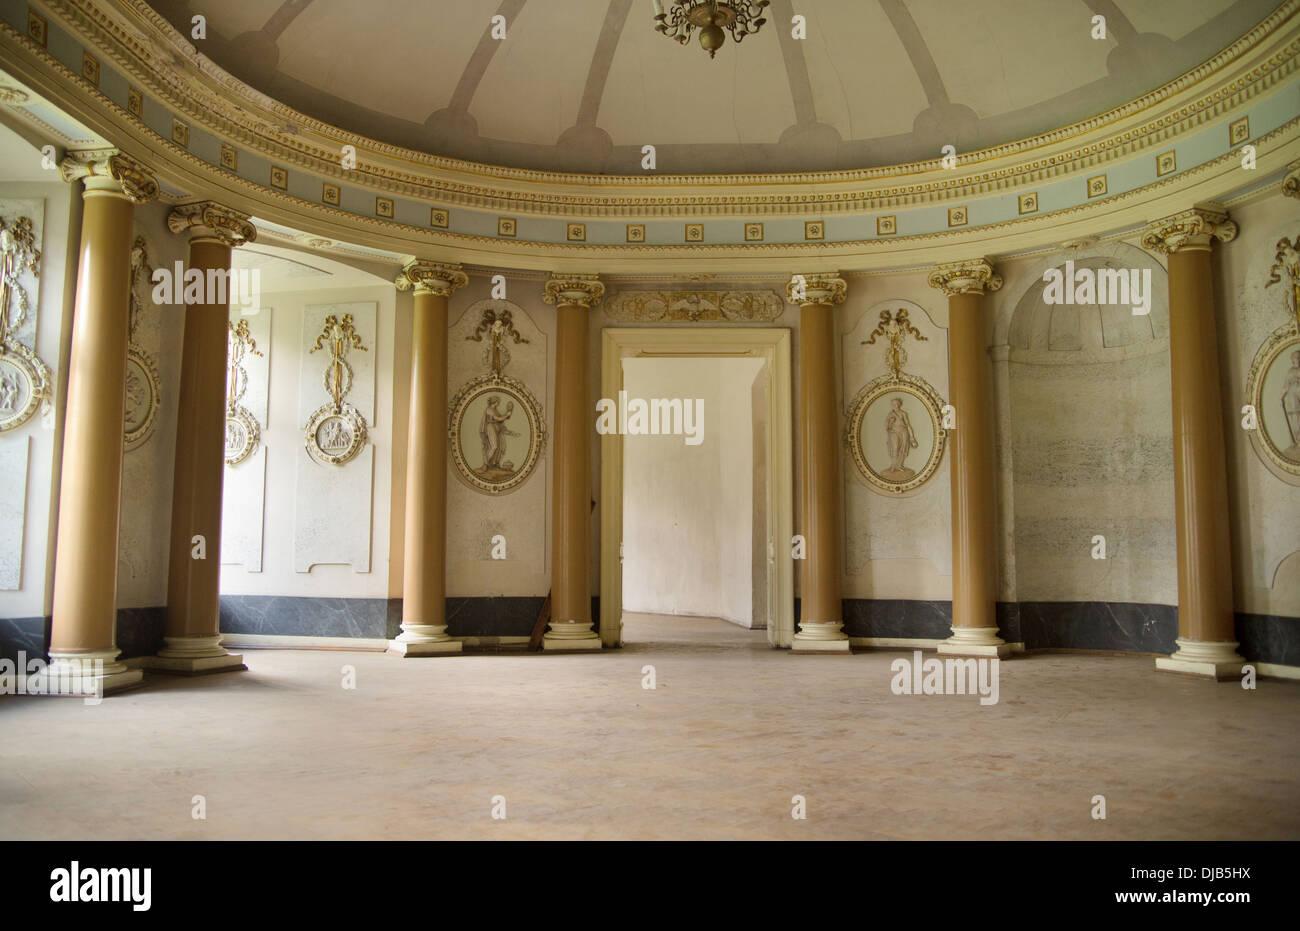 Bonita foto del antiguo brillante interior Imagen De Stock